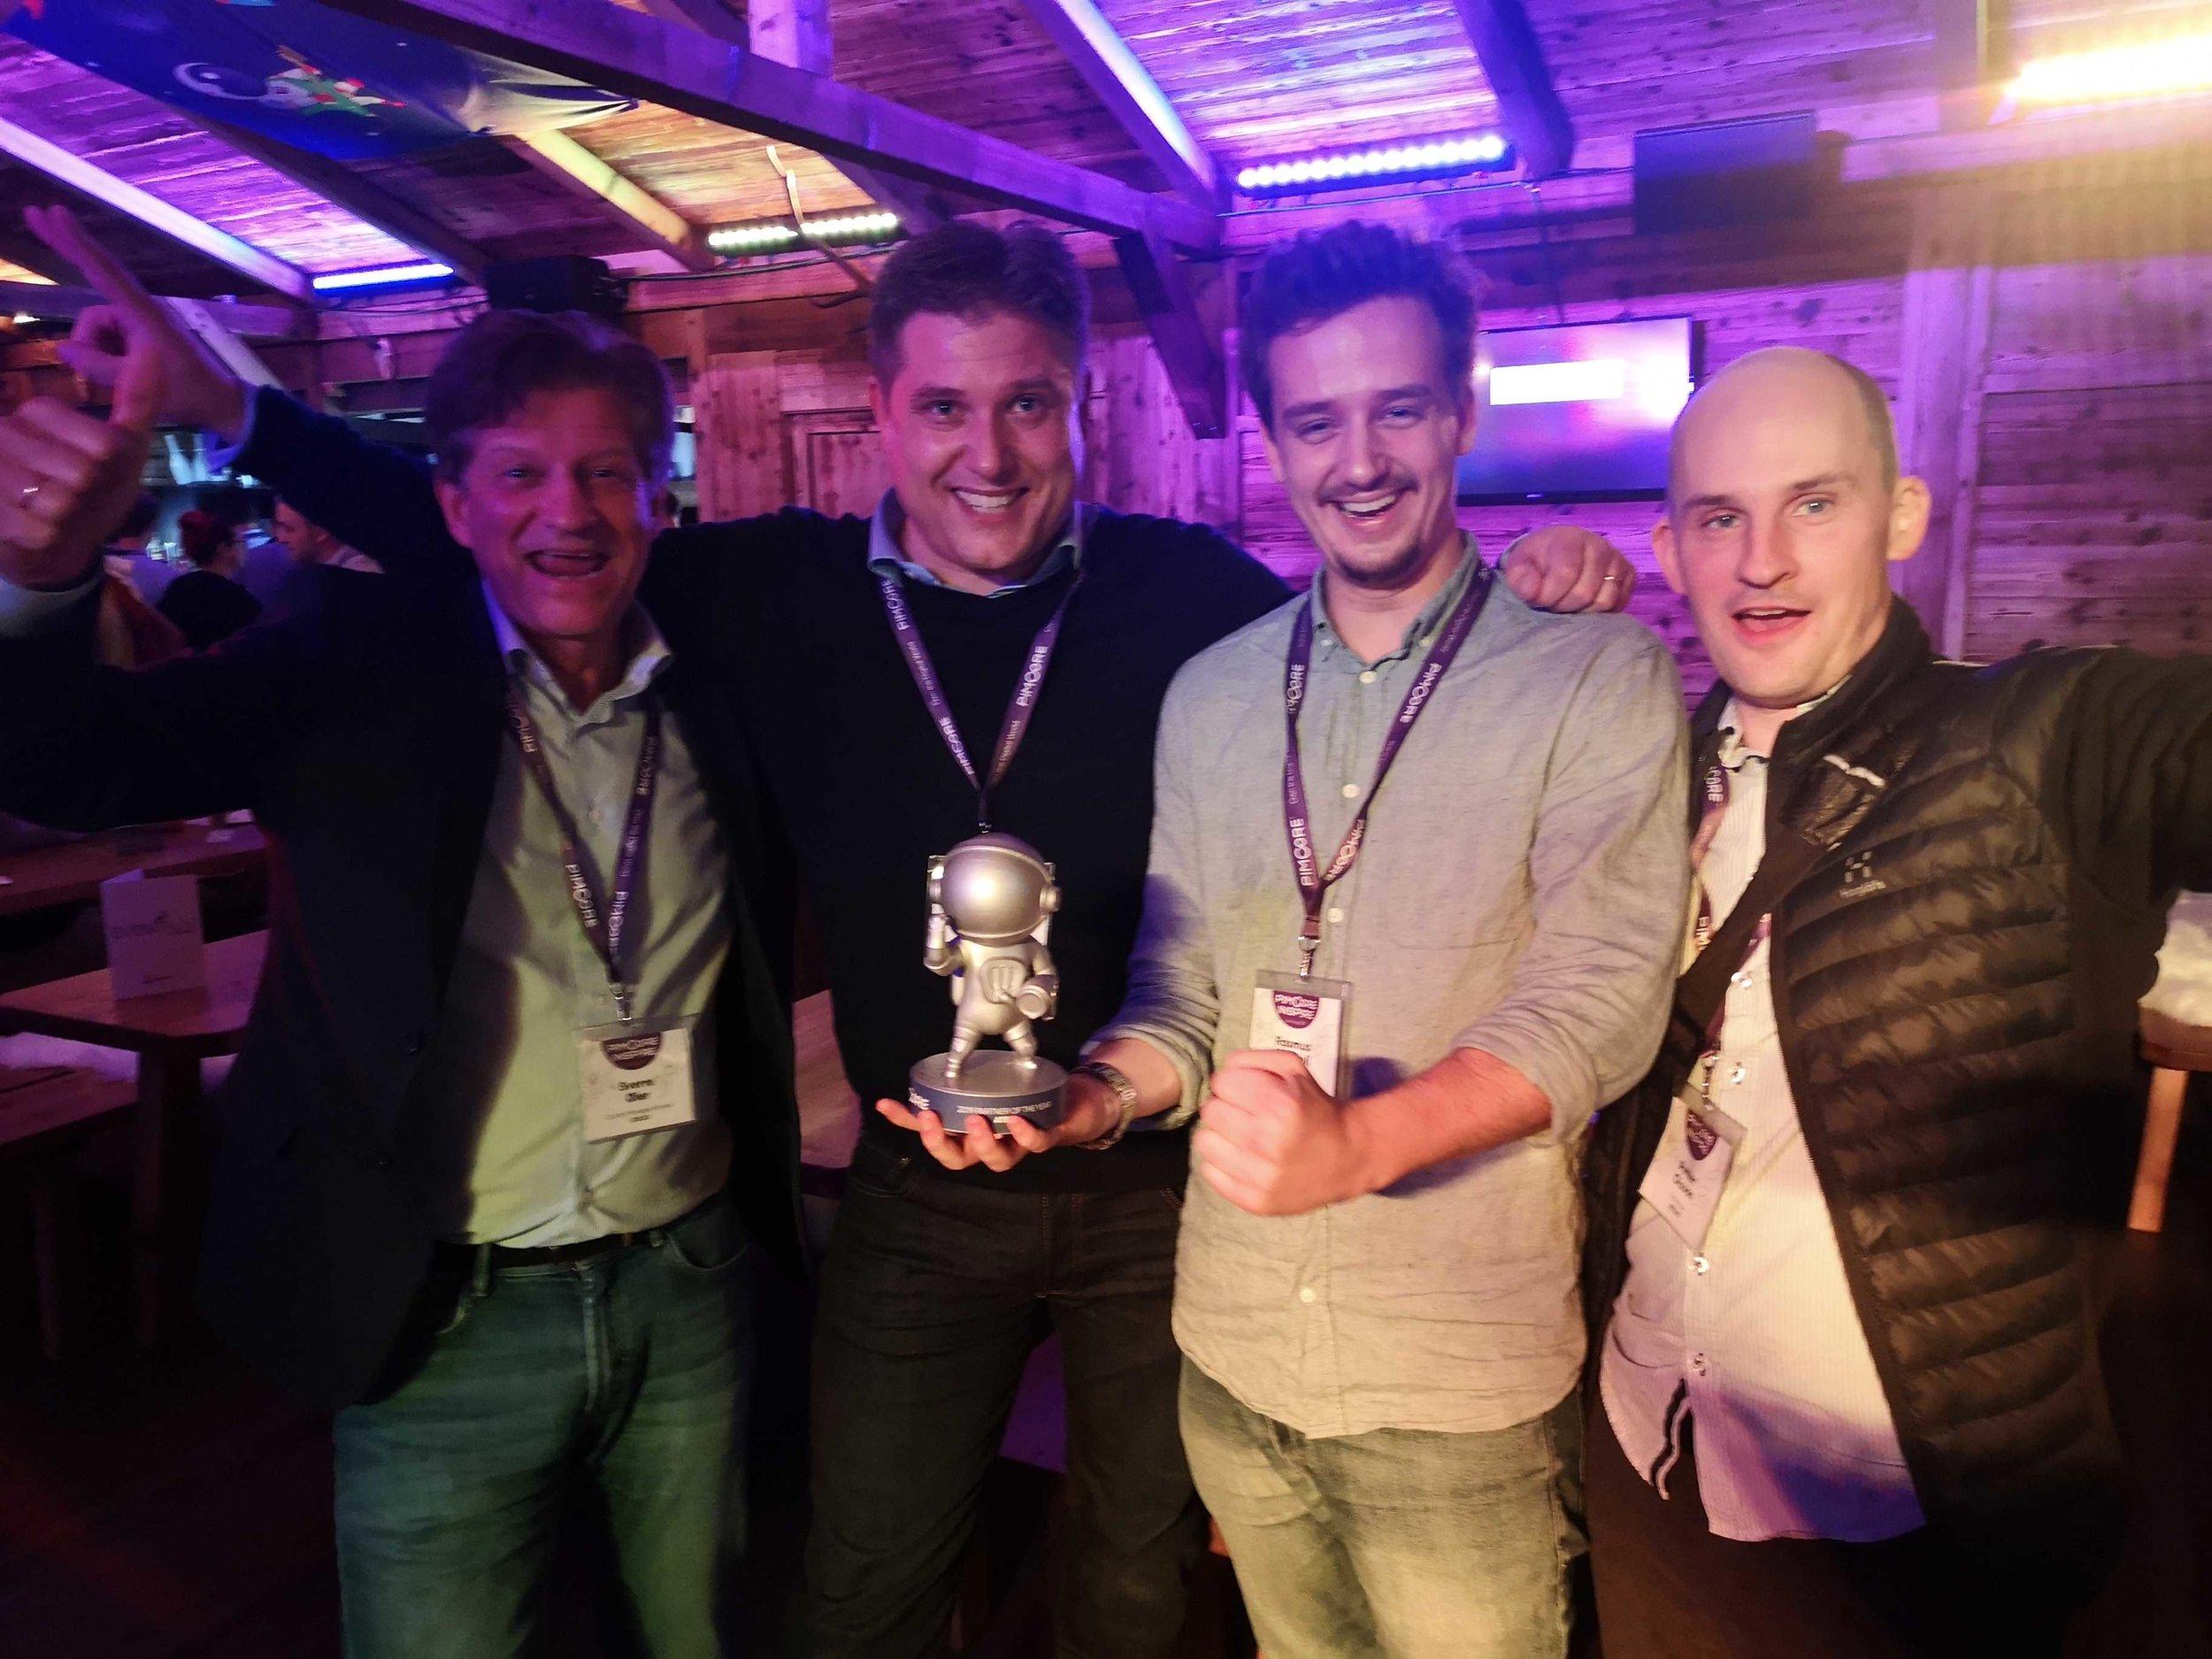 Fyra glada vinnare! Från vänster: Sverre, Johan, Rasmus och Petter